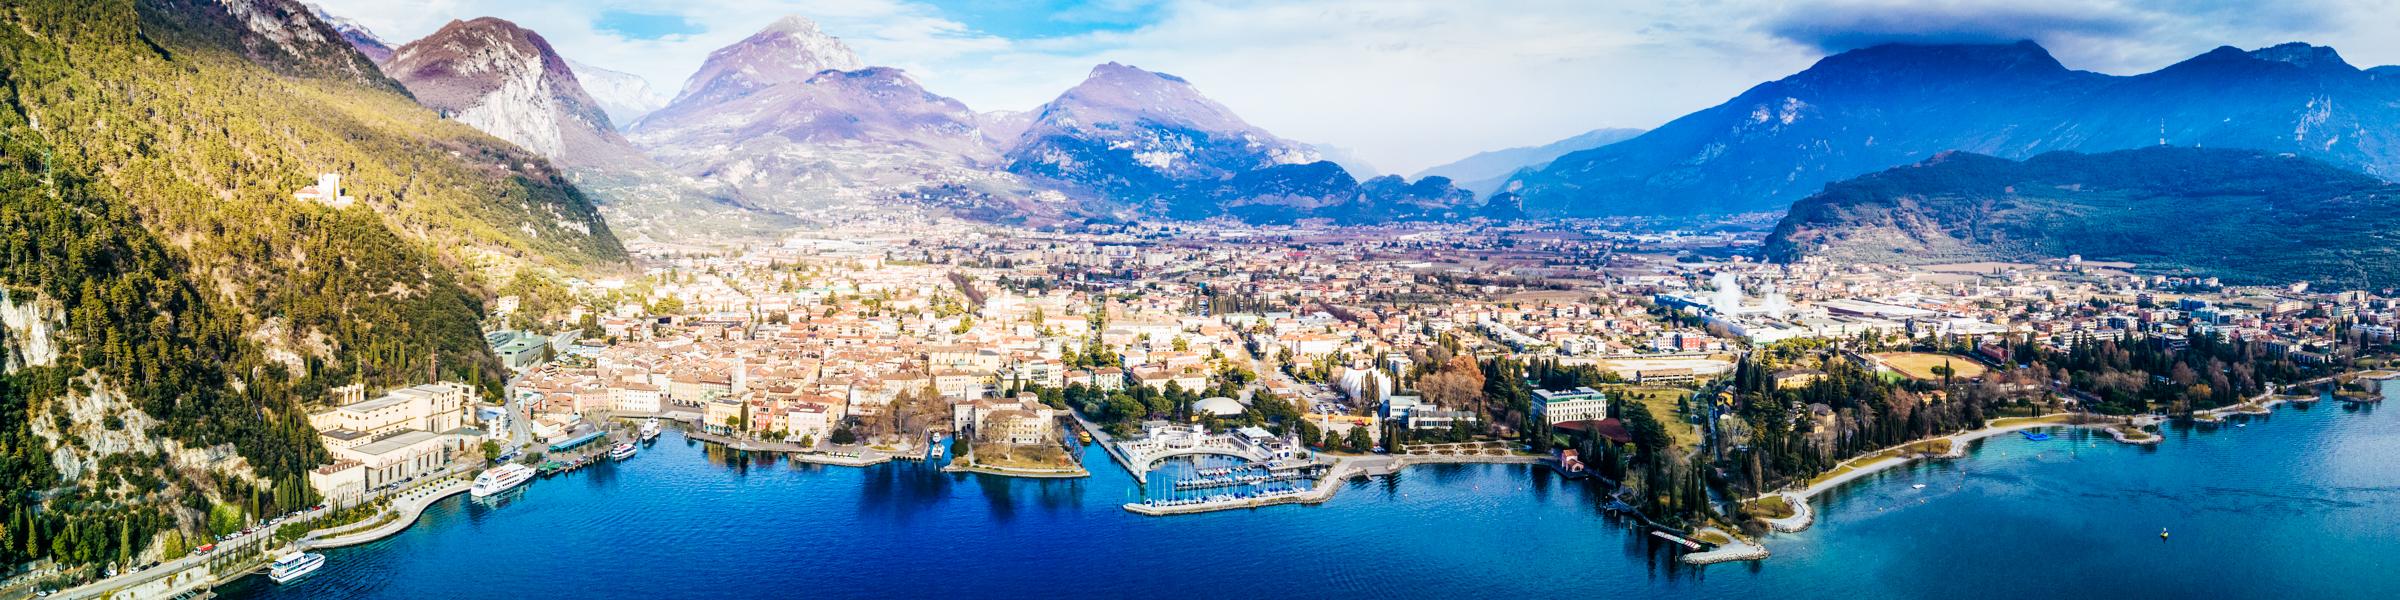 Riva del Garda am Gardasee, Italien